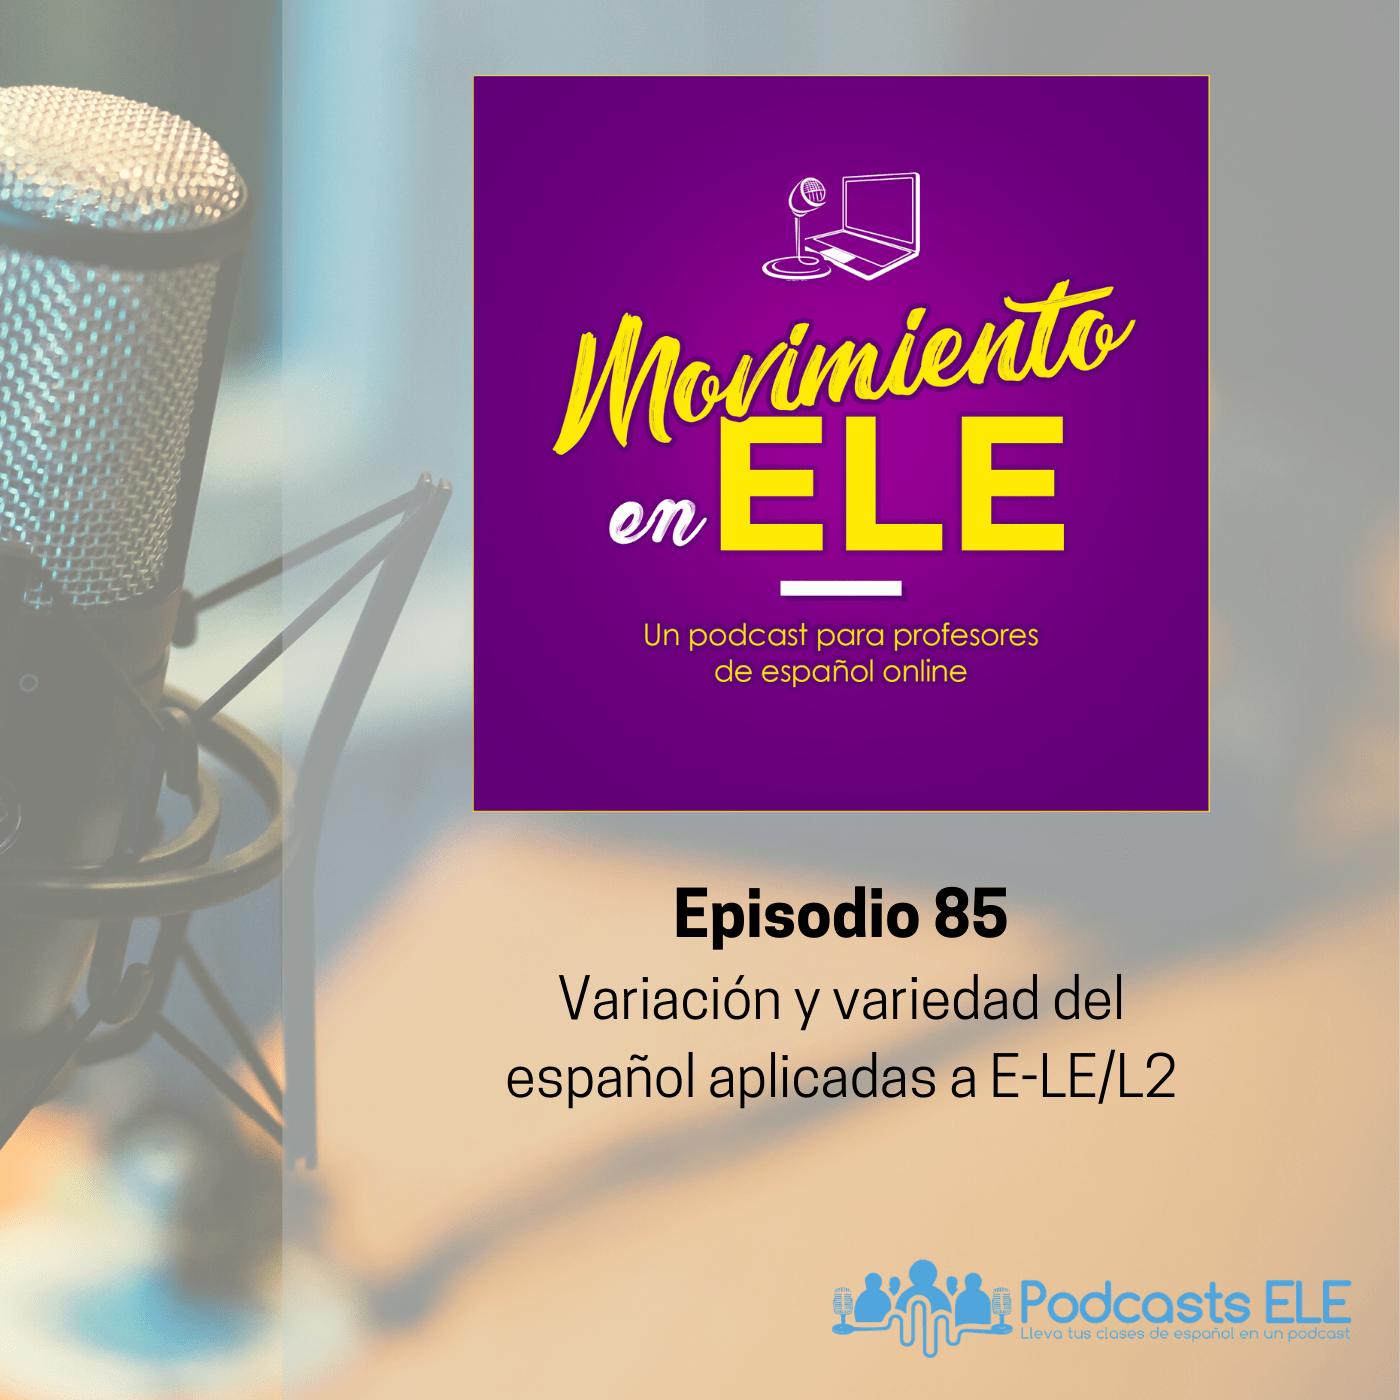 Variación y variedad del español aplicadas a E-LE/L2